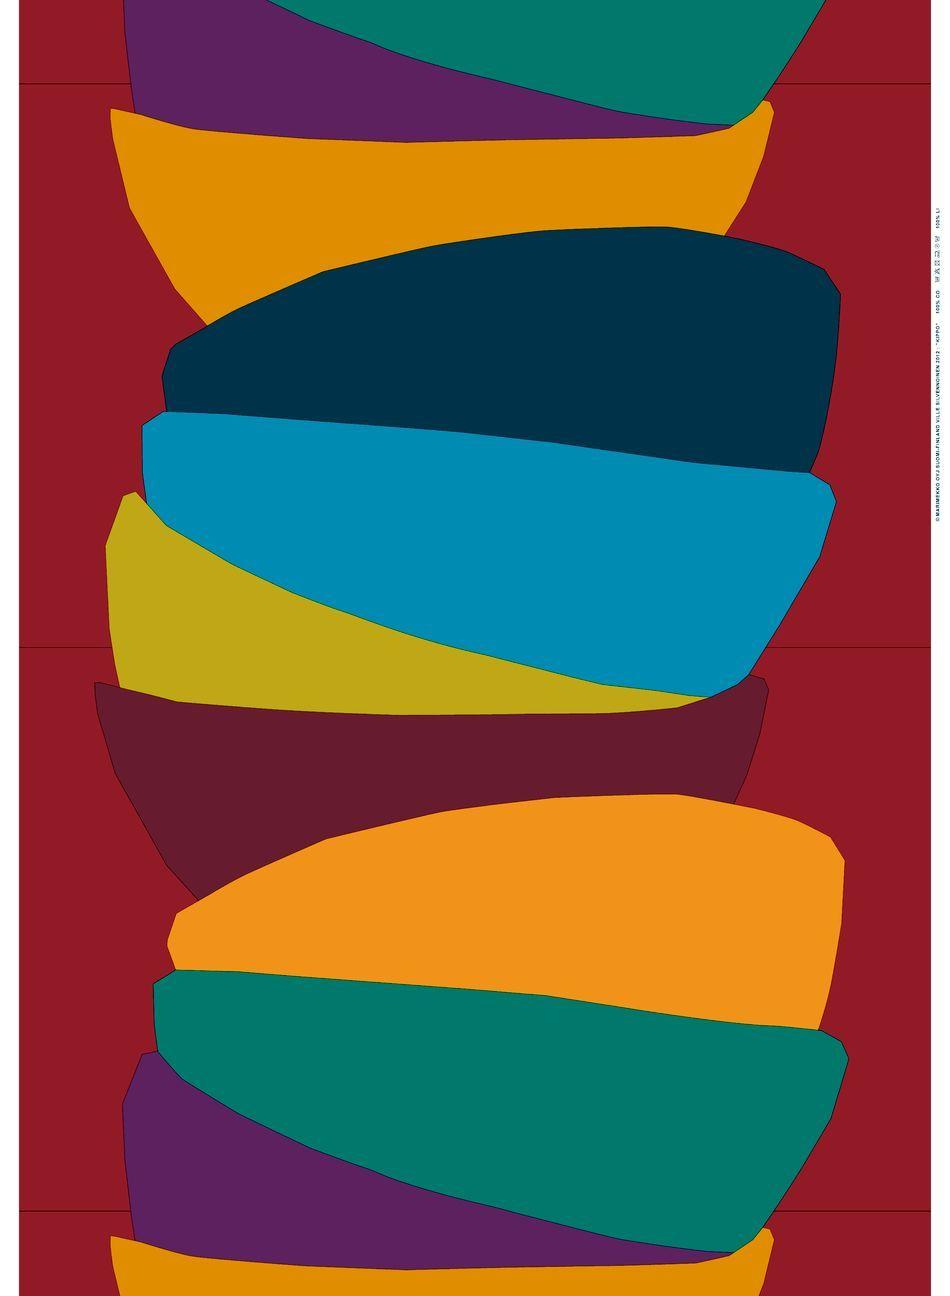 Kippo -paksu puuvilla (punainen, vihreä, sininen) |Kankaat, Puuvillakankaat | Marimekko